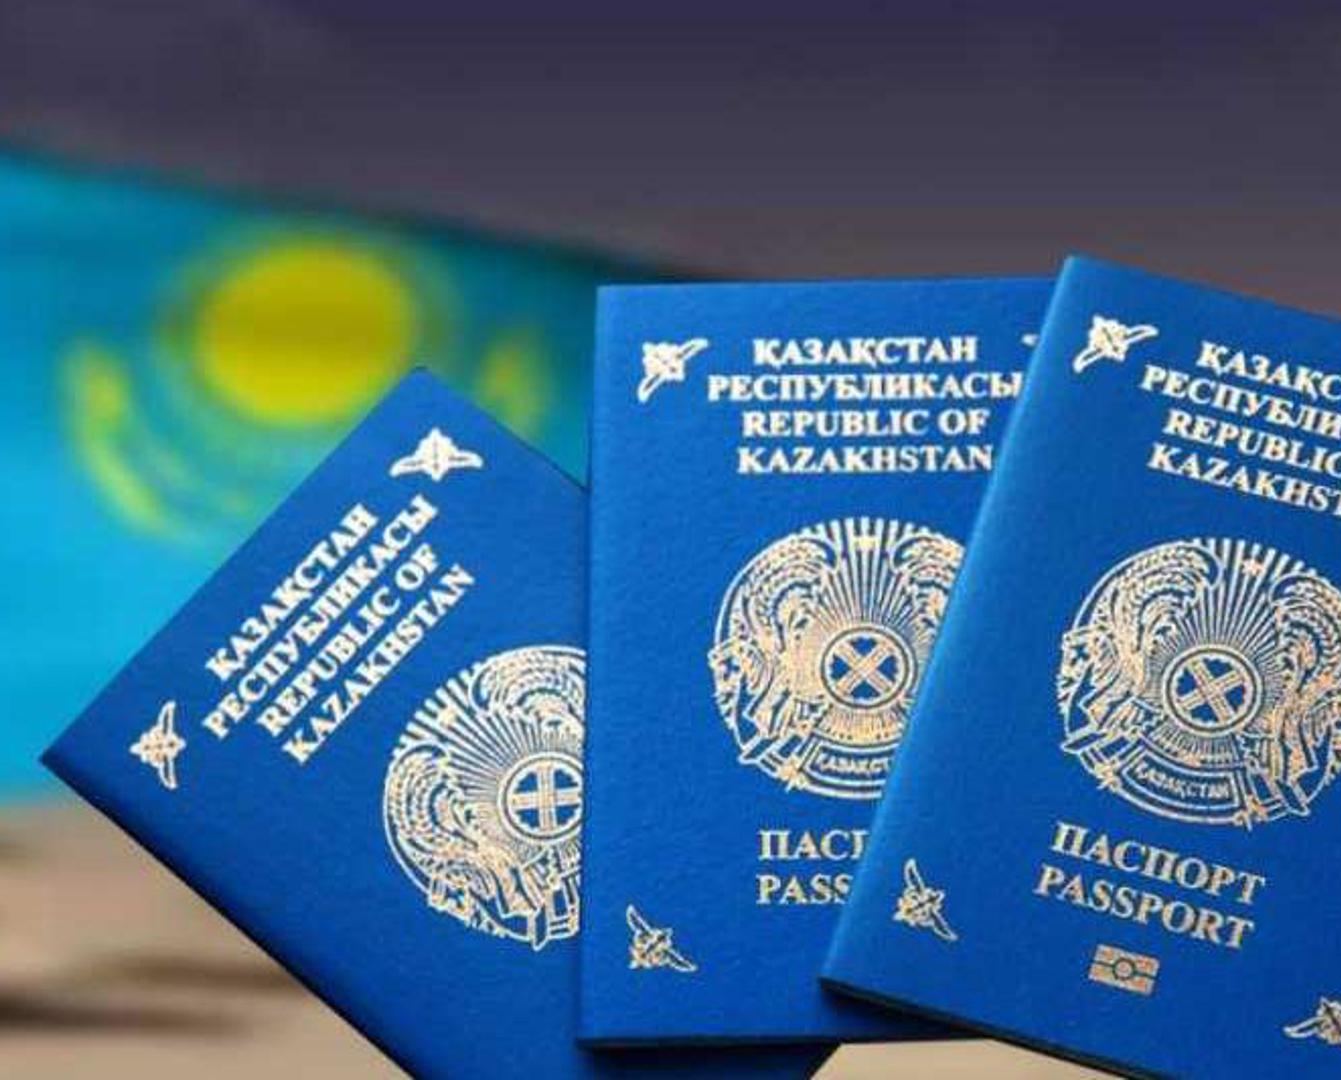 2018年超过900名外籍公民在阿克莫拉州获得哈萨克斯坦国籍